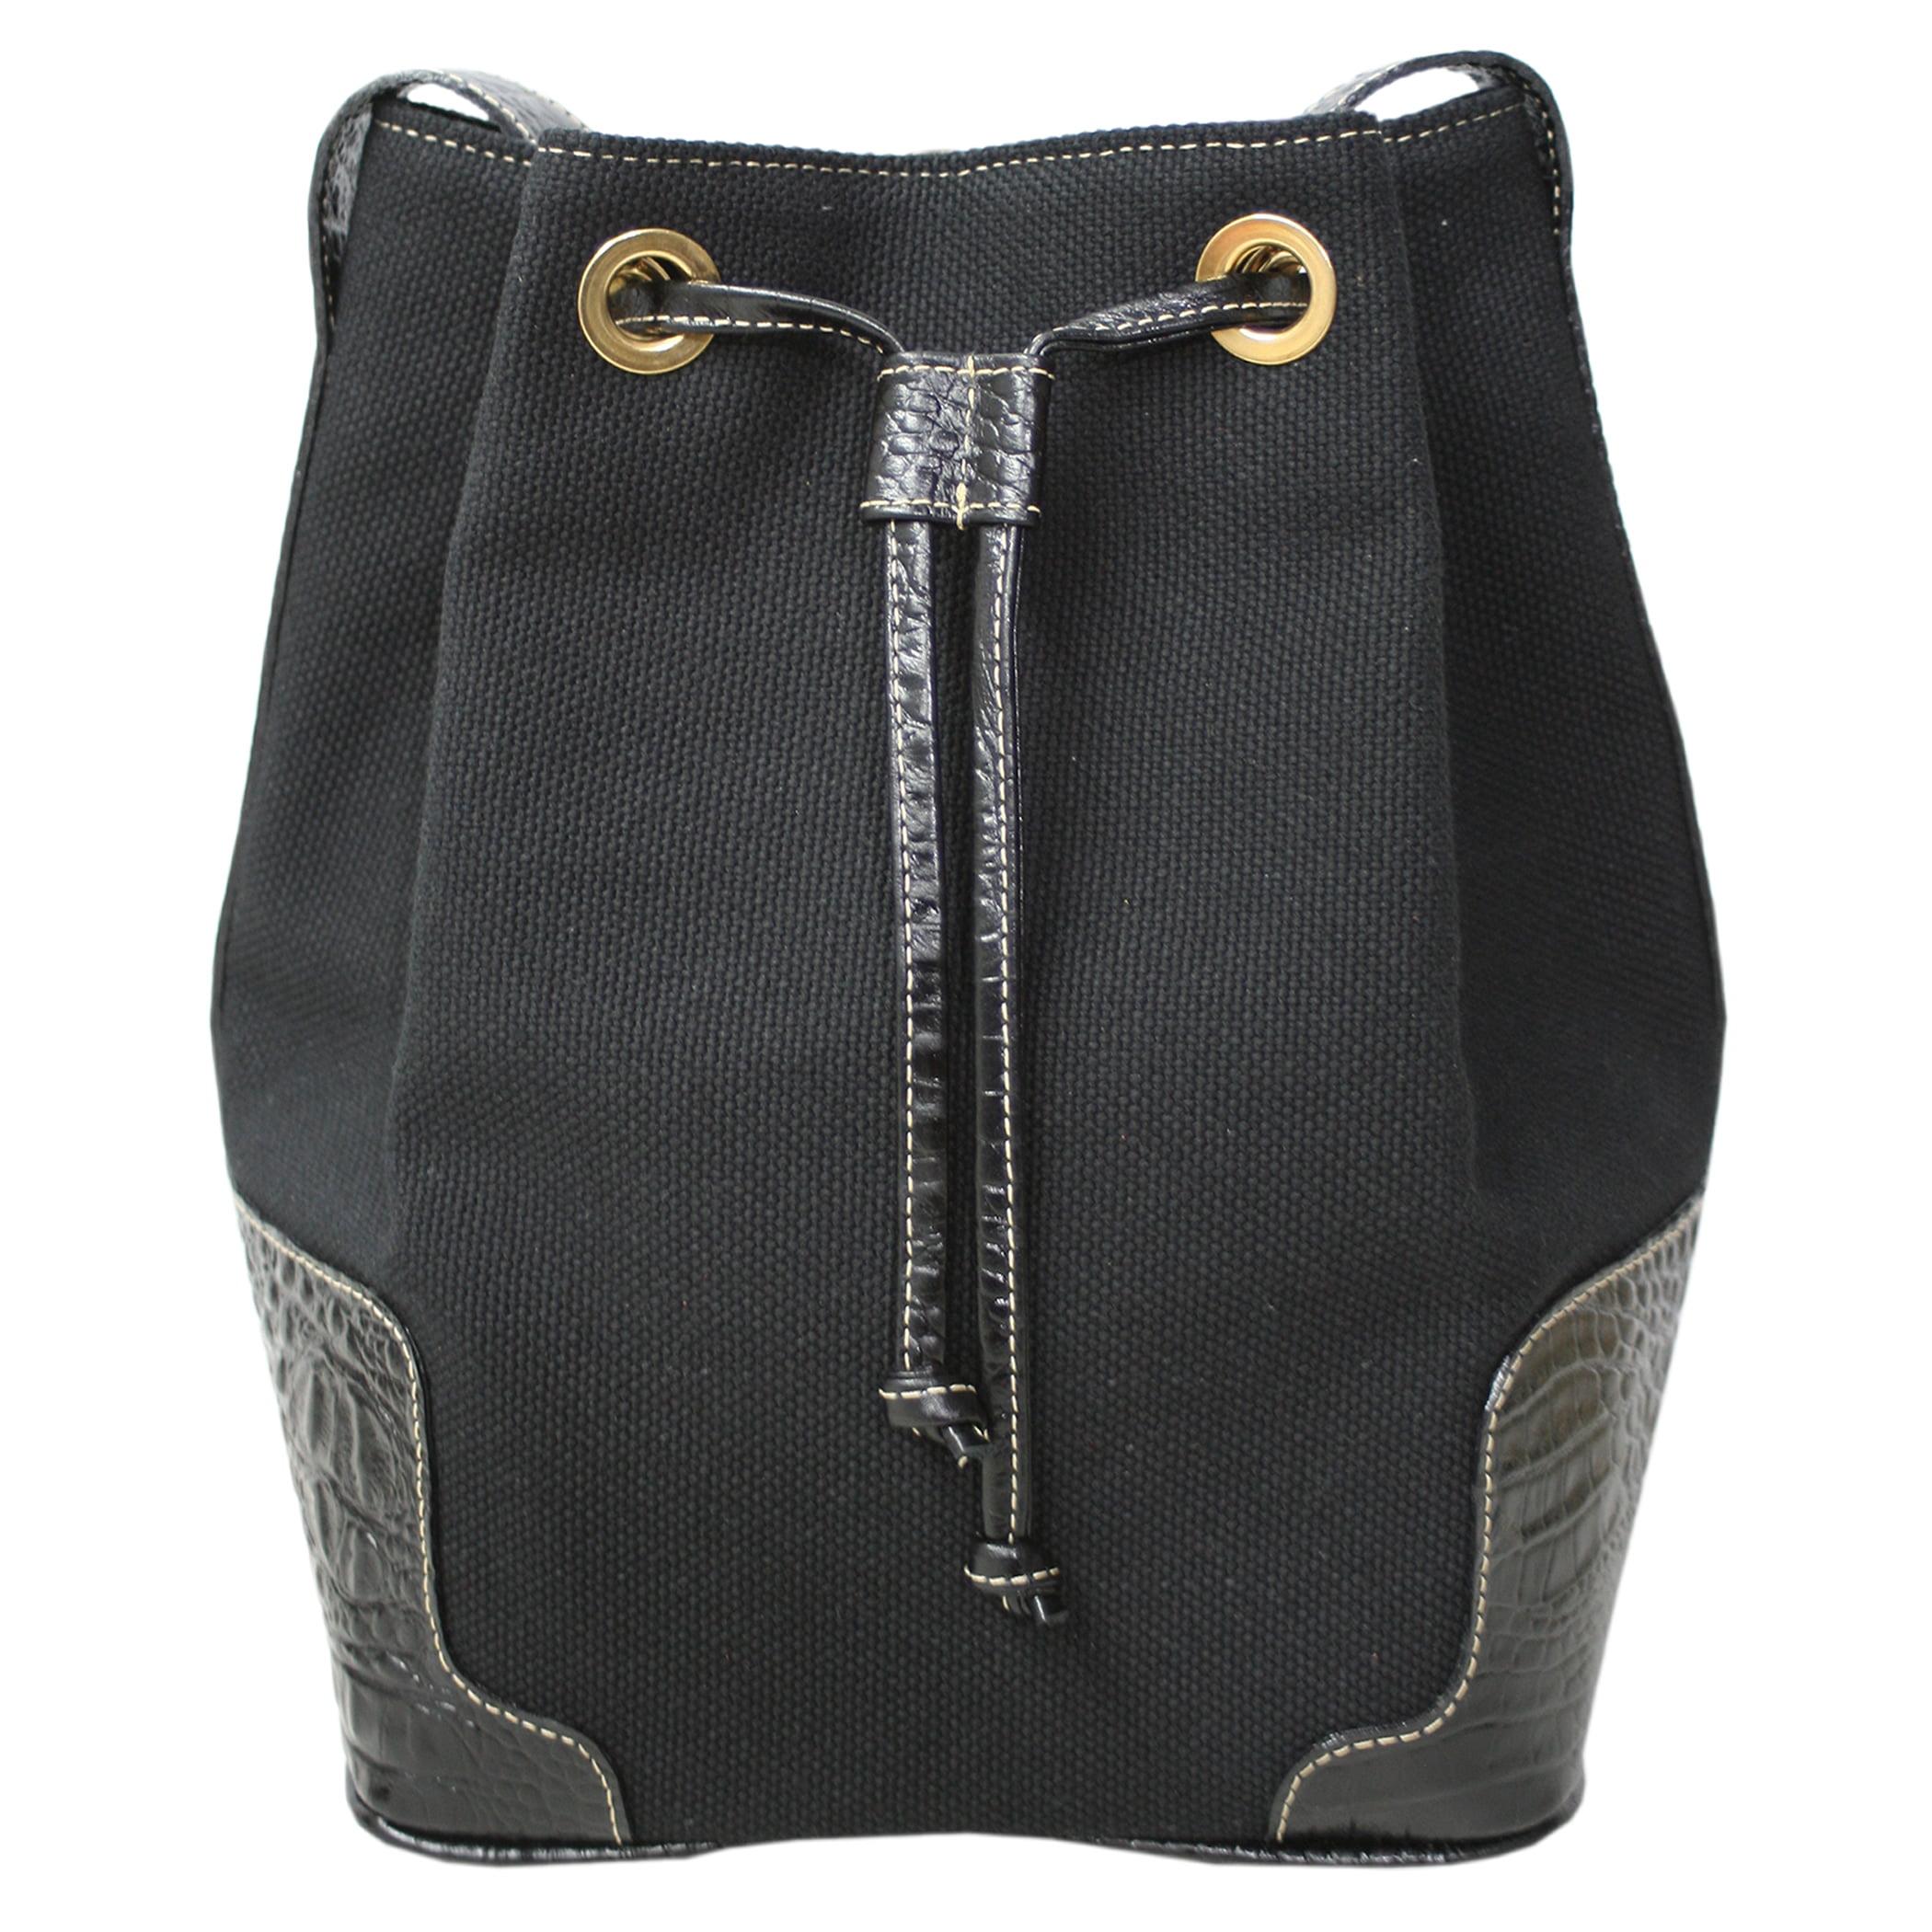 Bolsa saco em lona e couro preto Taurus